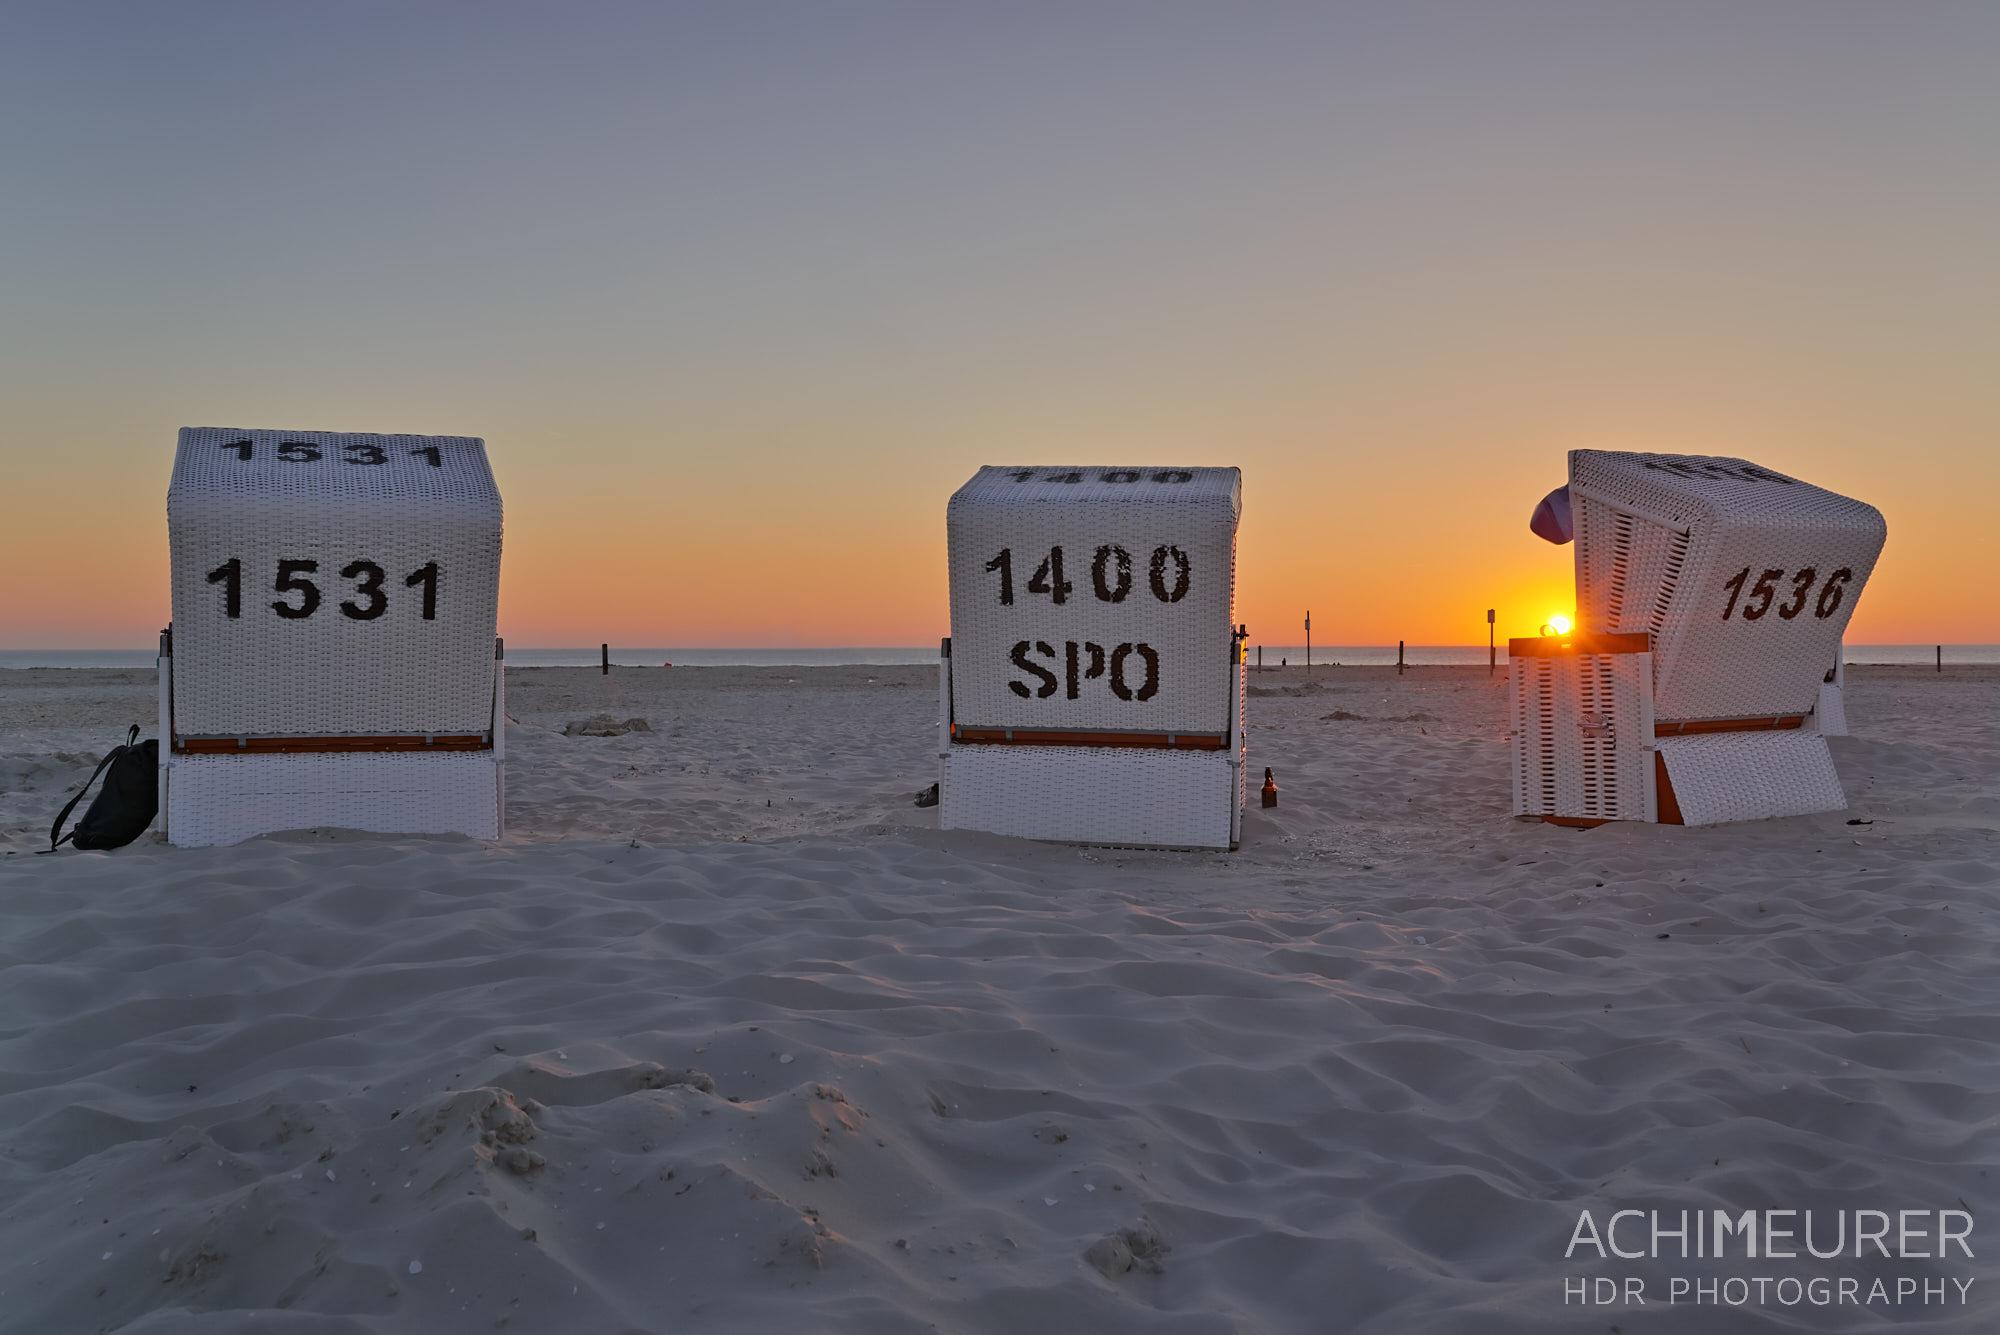 Sonnenuntergang - Sankt Peter-Ording an der Nordsee by Achim Meurer.